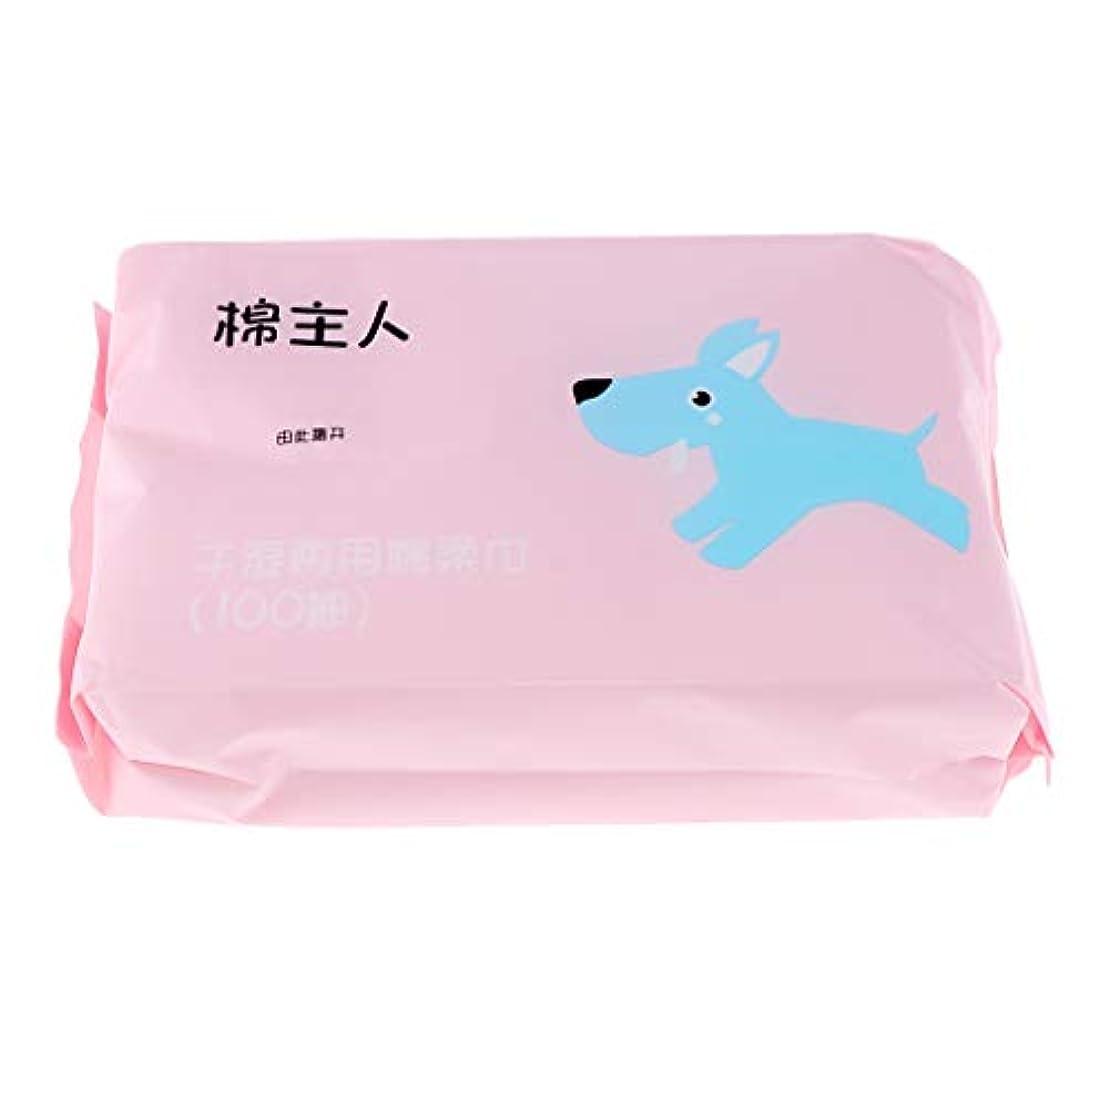 公式先駆者奨励しますCUTICATE クレンジングシート メイク落とし 軽量 便利 敏感肌用 非刺激 不織布 フェイスタオル 約100枚 - ピンク